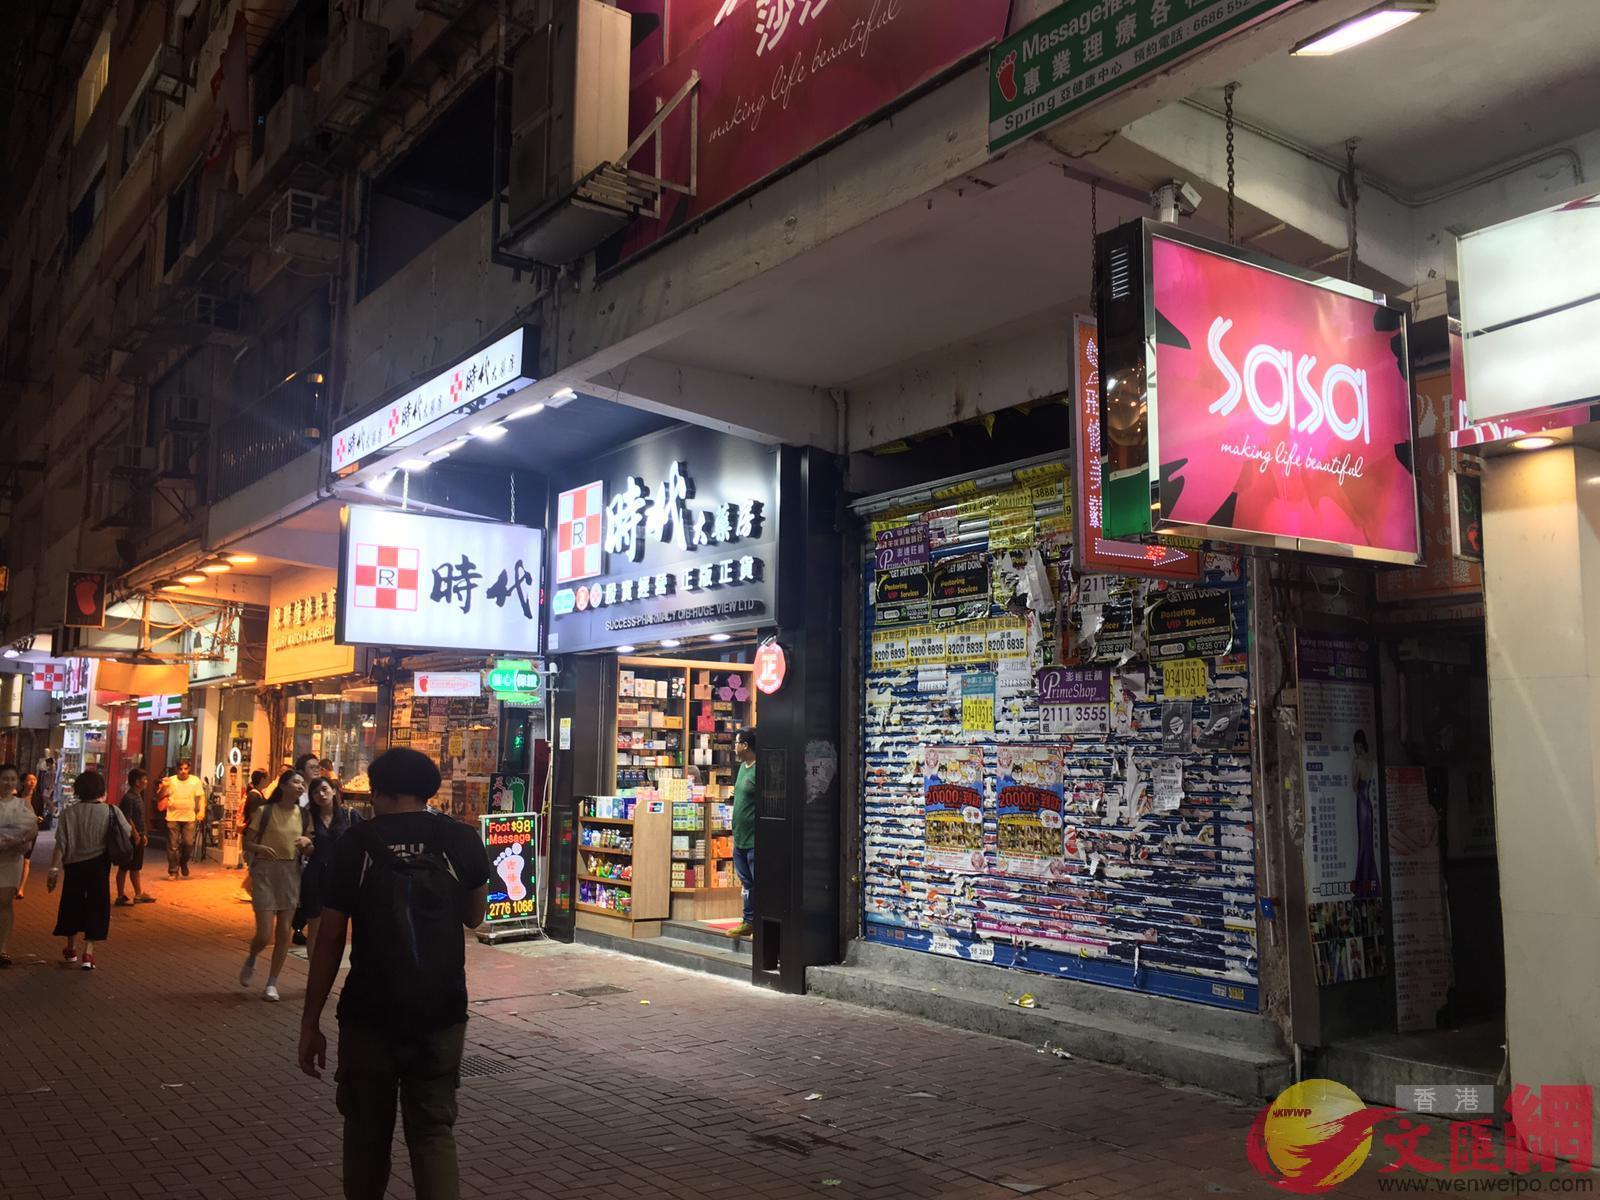 暴力衝擊下,香港經濟出現下滑態勢。